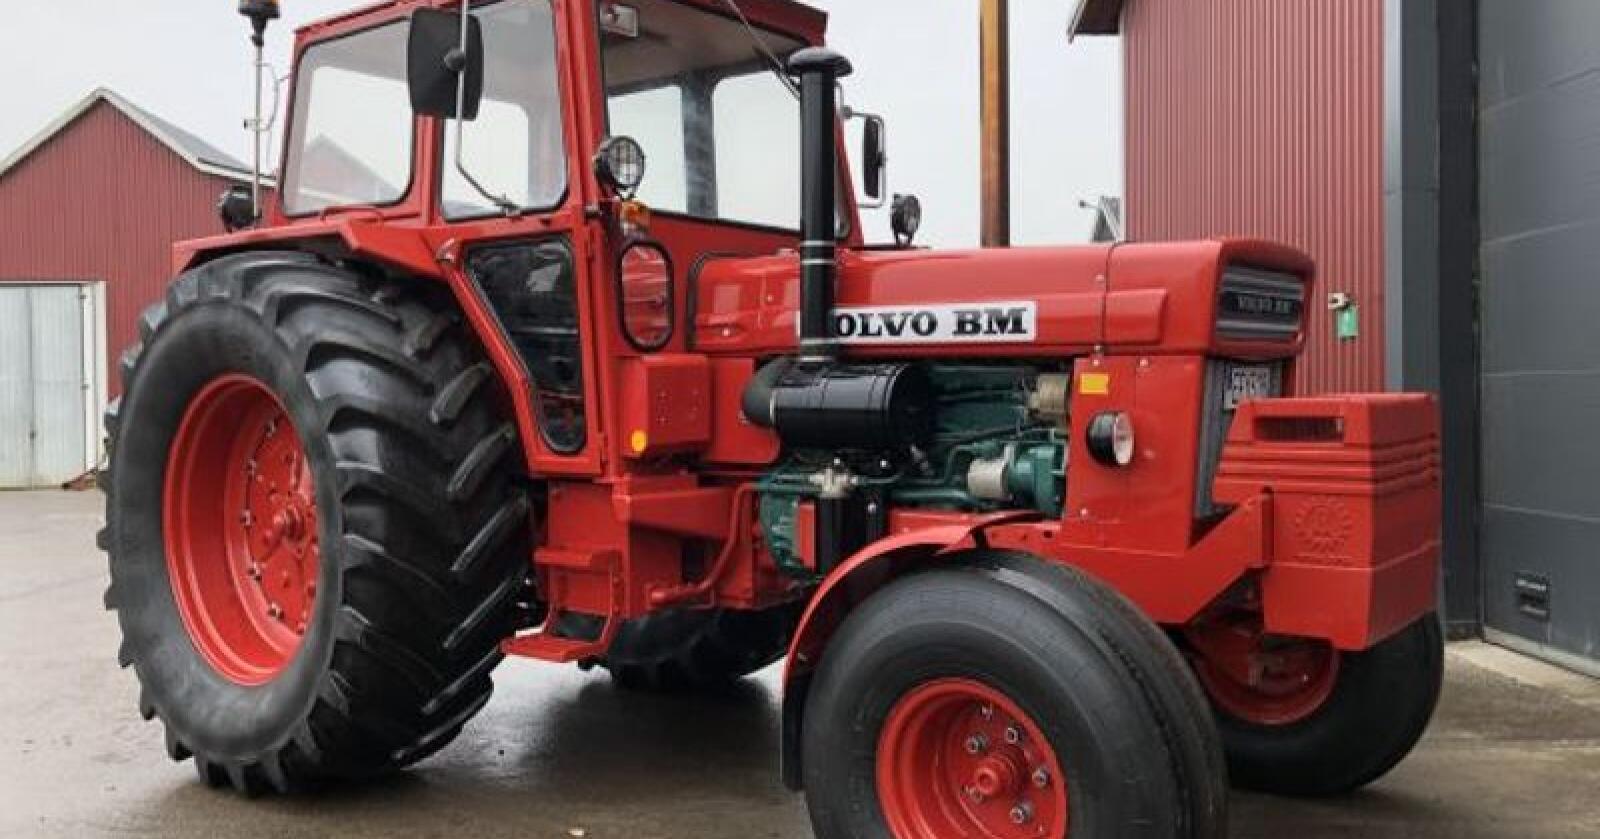 T810 var i mange år den største traktormodellen Volvo BM kunne tilby. I dag er stordrageren et attraktivt samlerobjekt for veteranentusiastene. (Foto: Klaravik Auktioner)